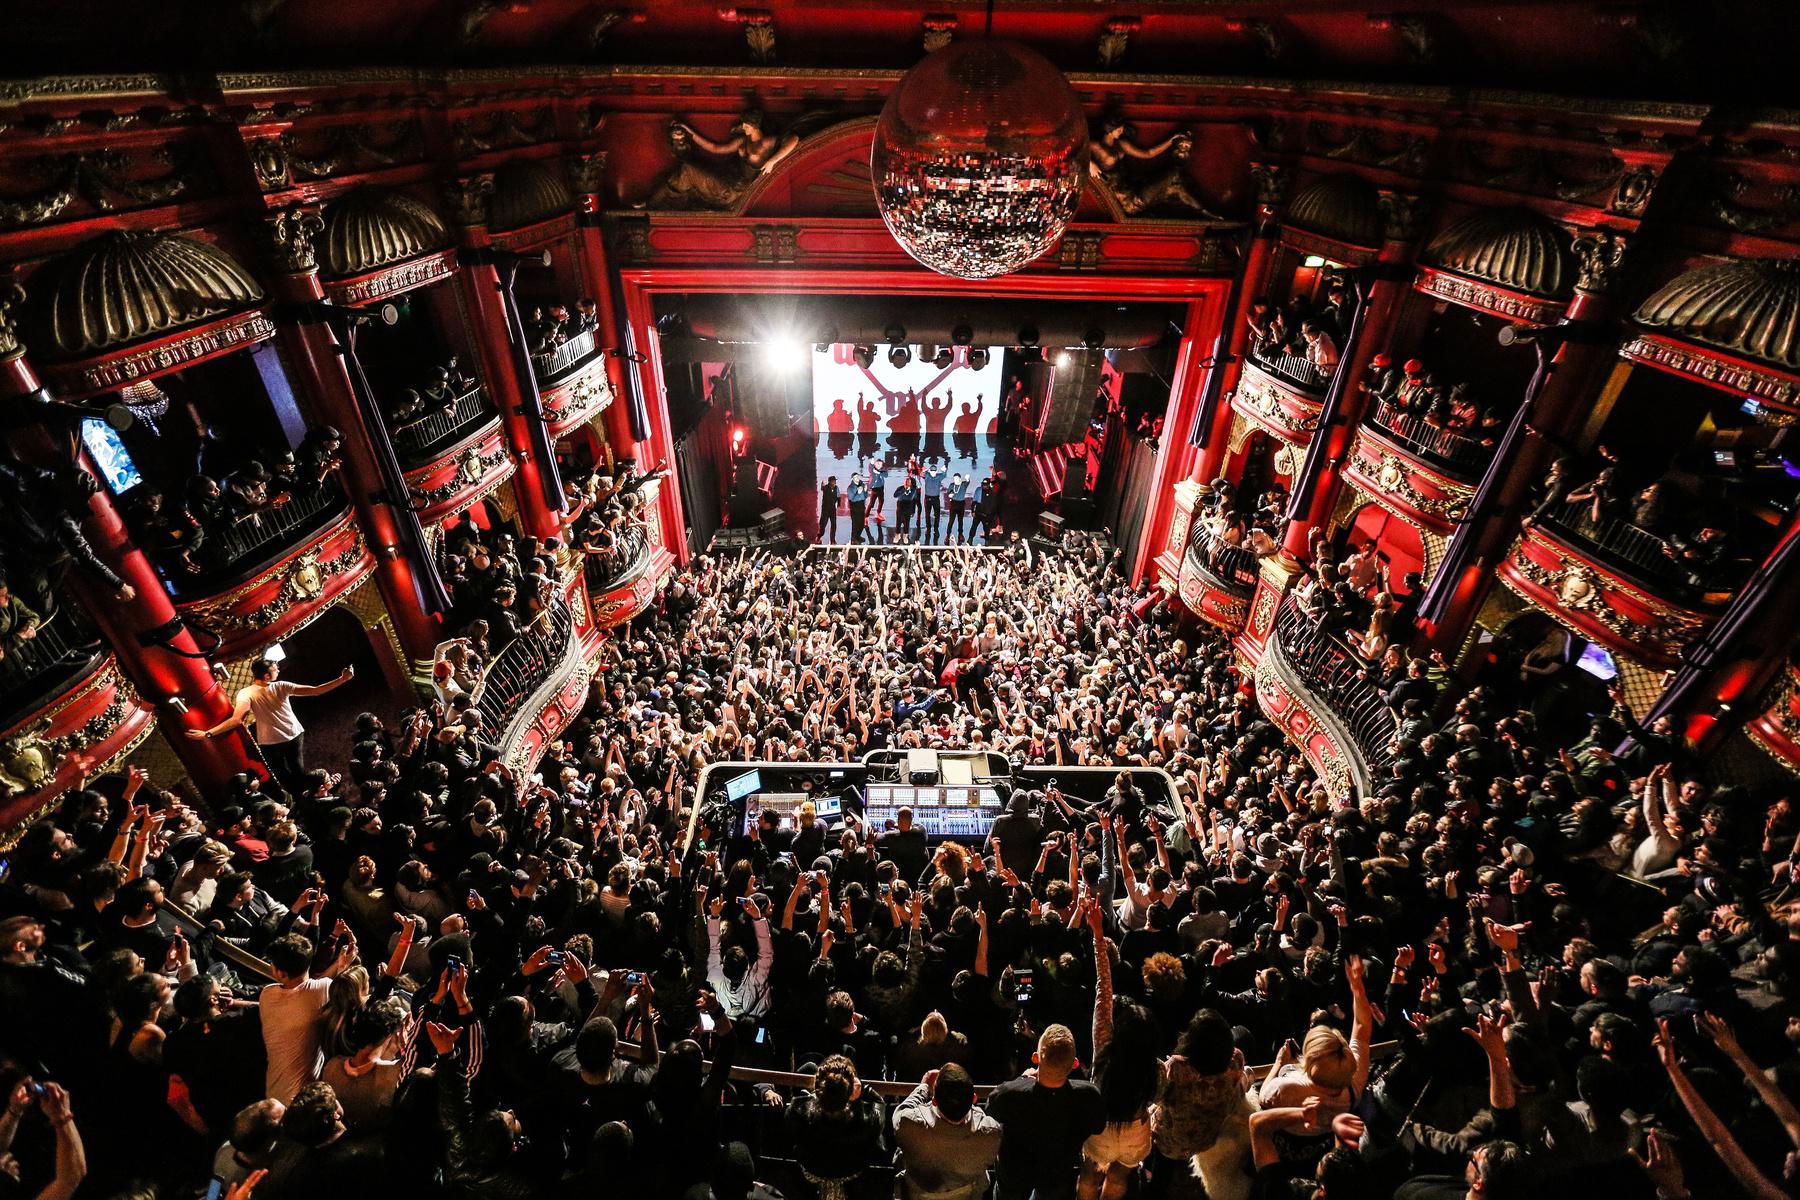 Kanye west crowd at koko london.